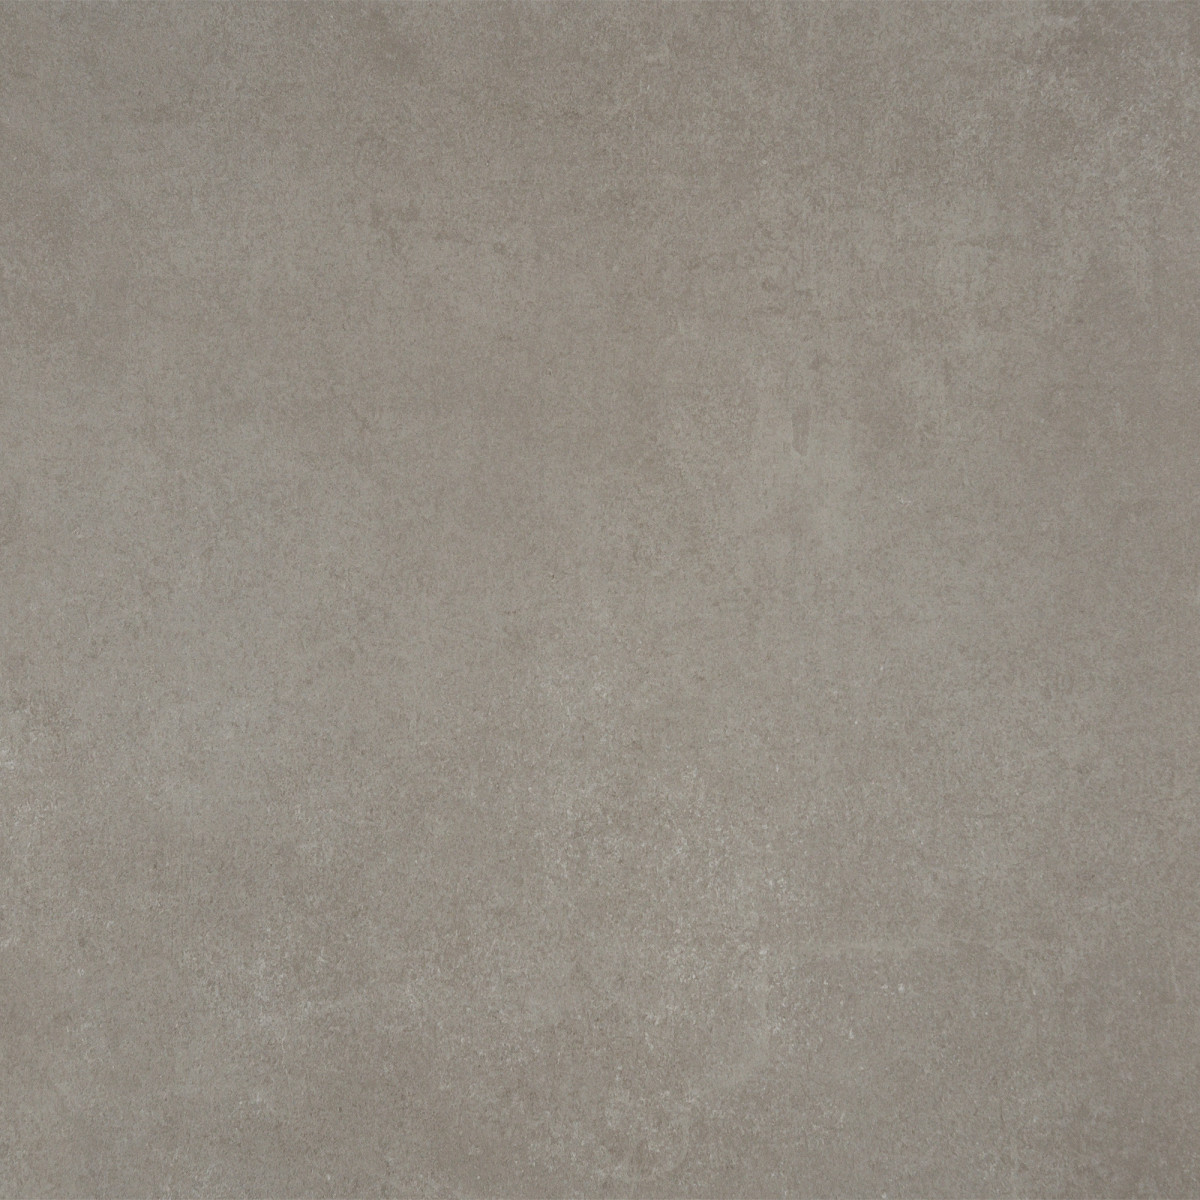 Керамогранит «Garden Grey» 60x60 см 1.44 м² цвет серый